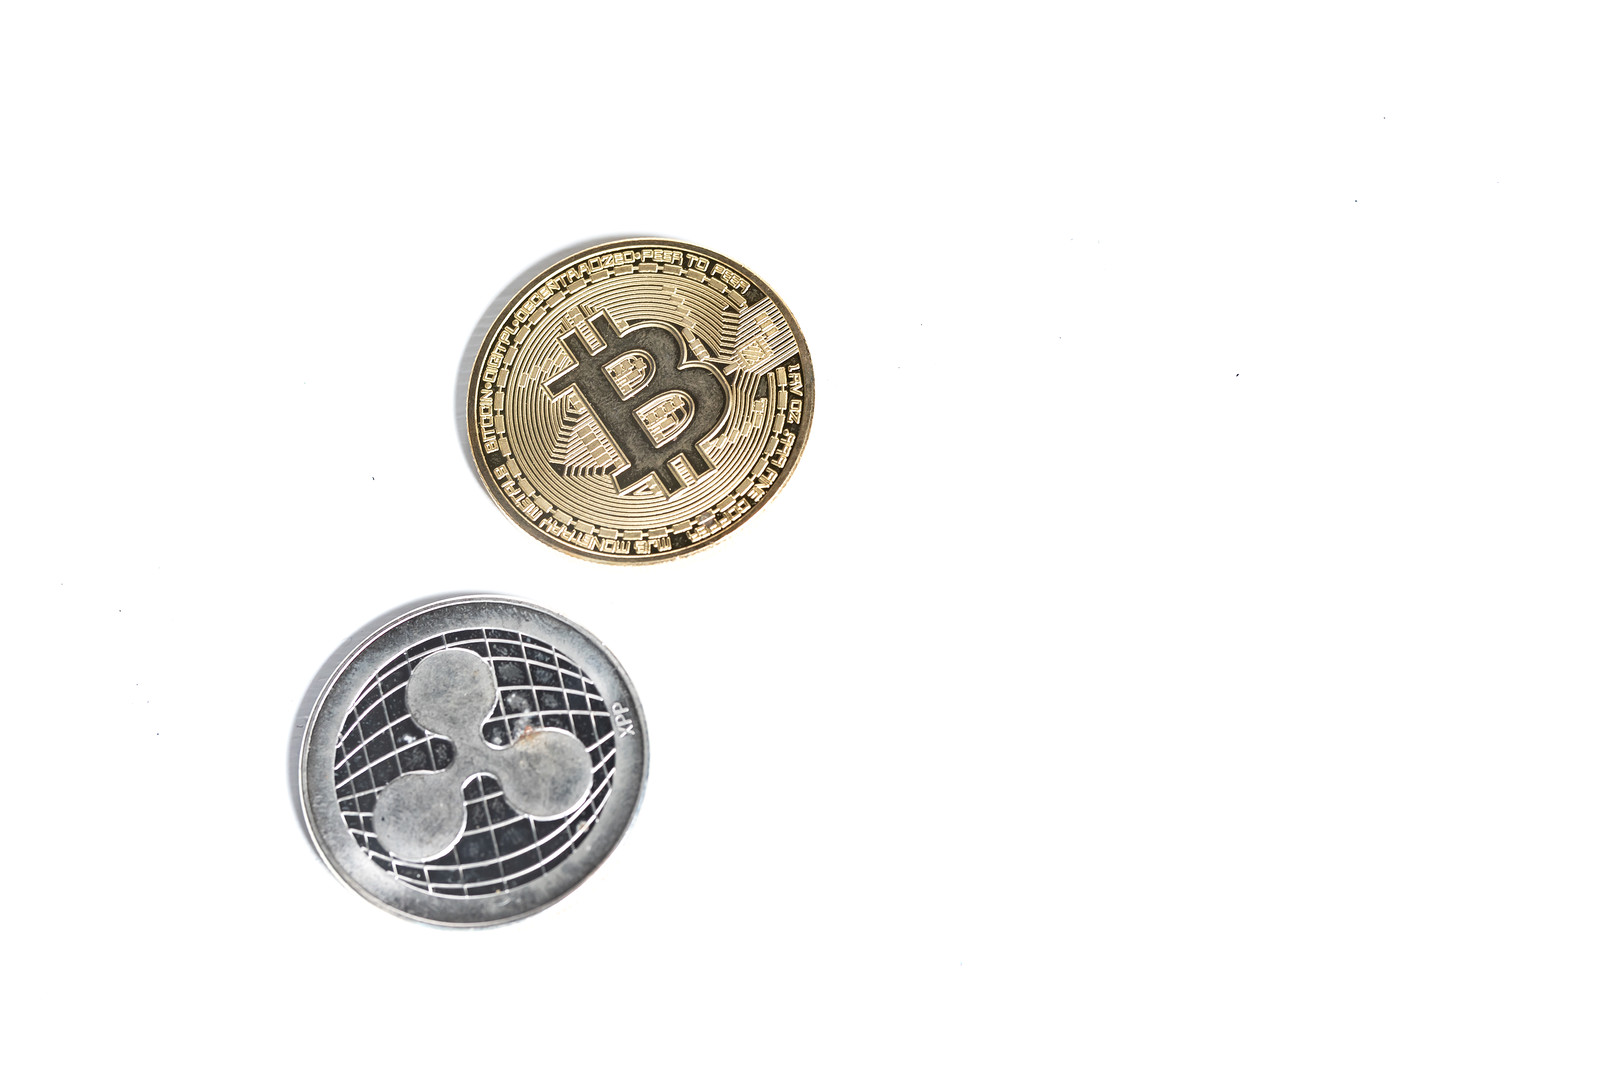 「ビットコインとリップル | 写真の無料素材・フリー素材 - ぱくたそ」の写真